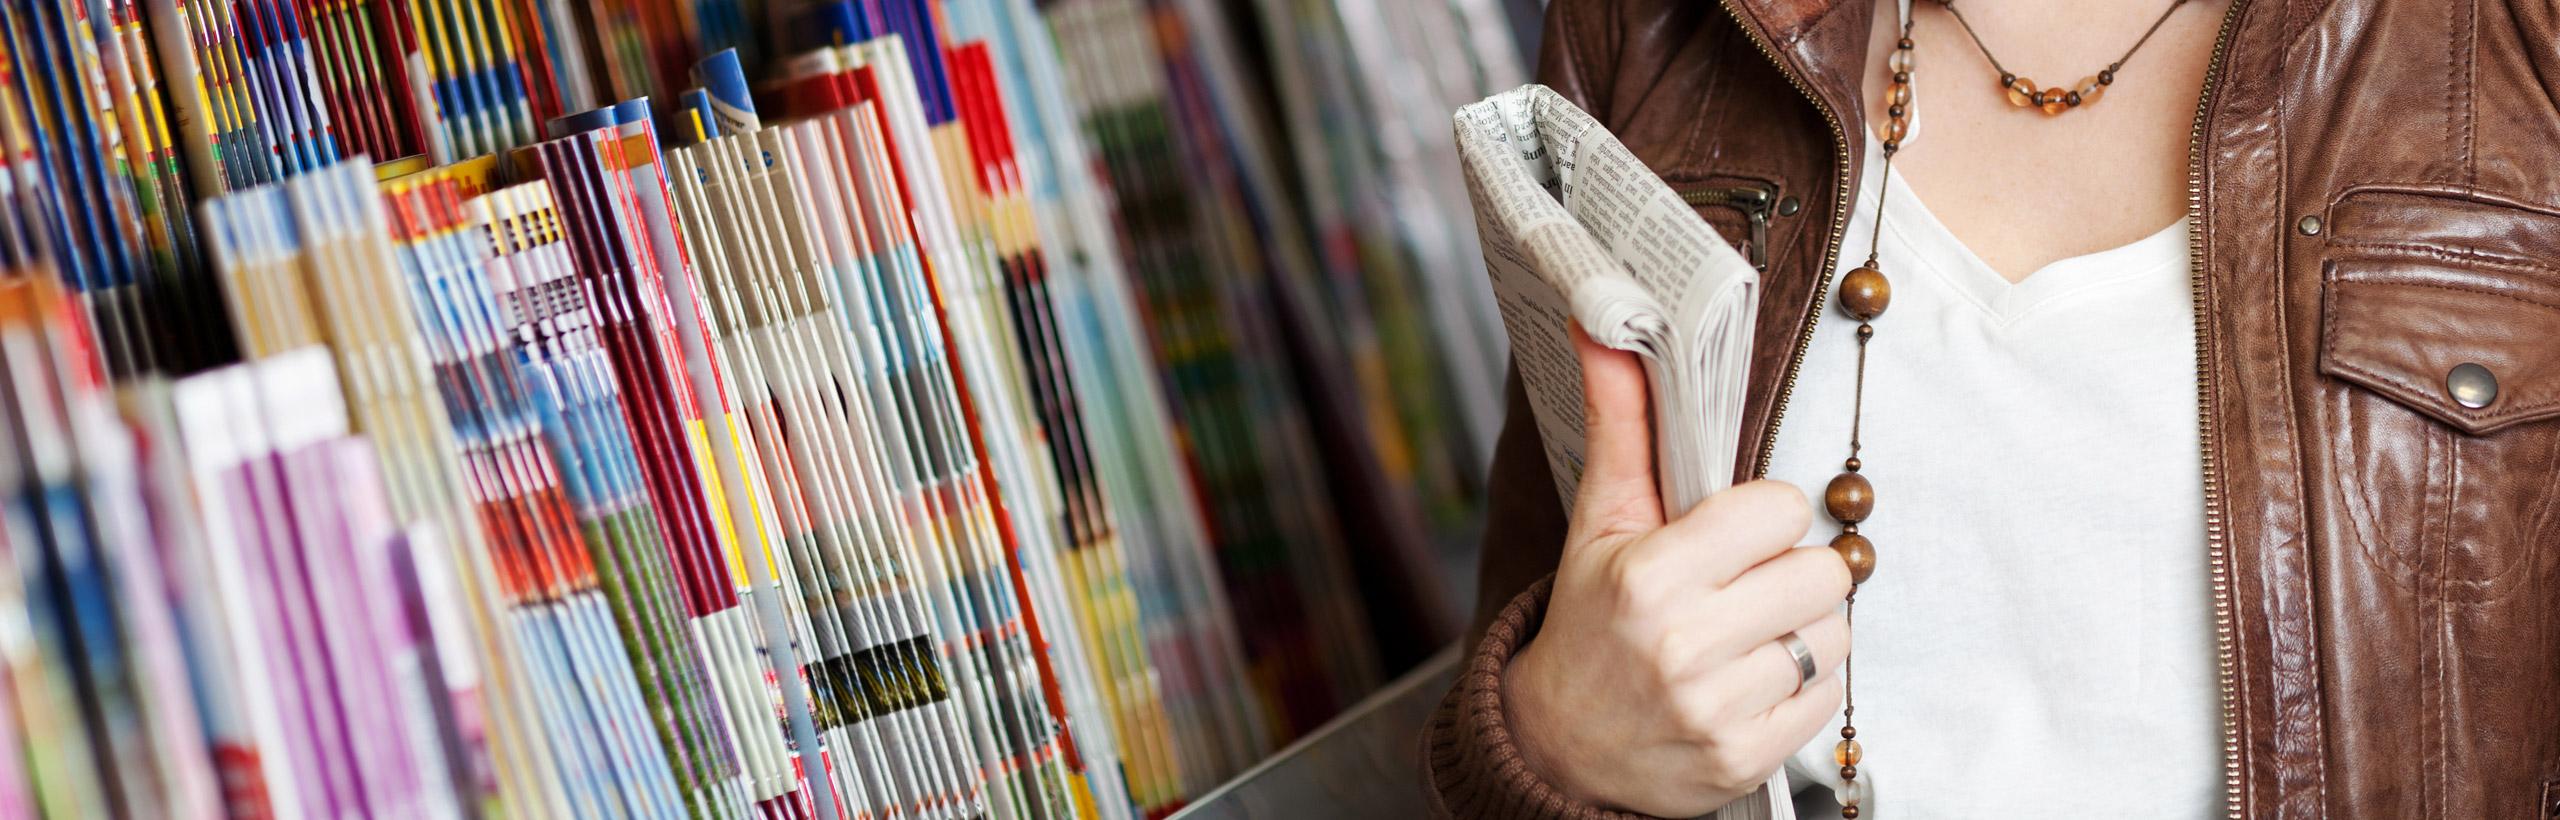 El club social de lectura más influyente de España, que potencia y se reafirma en el sector del libro digital.